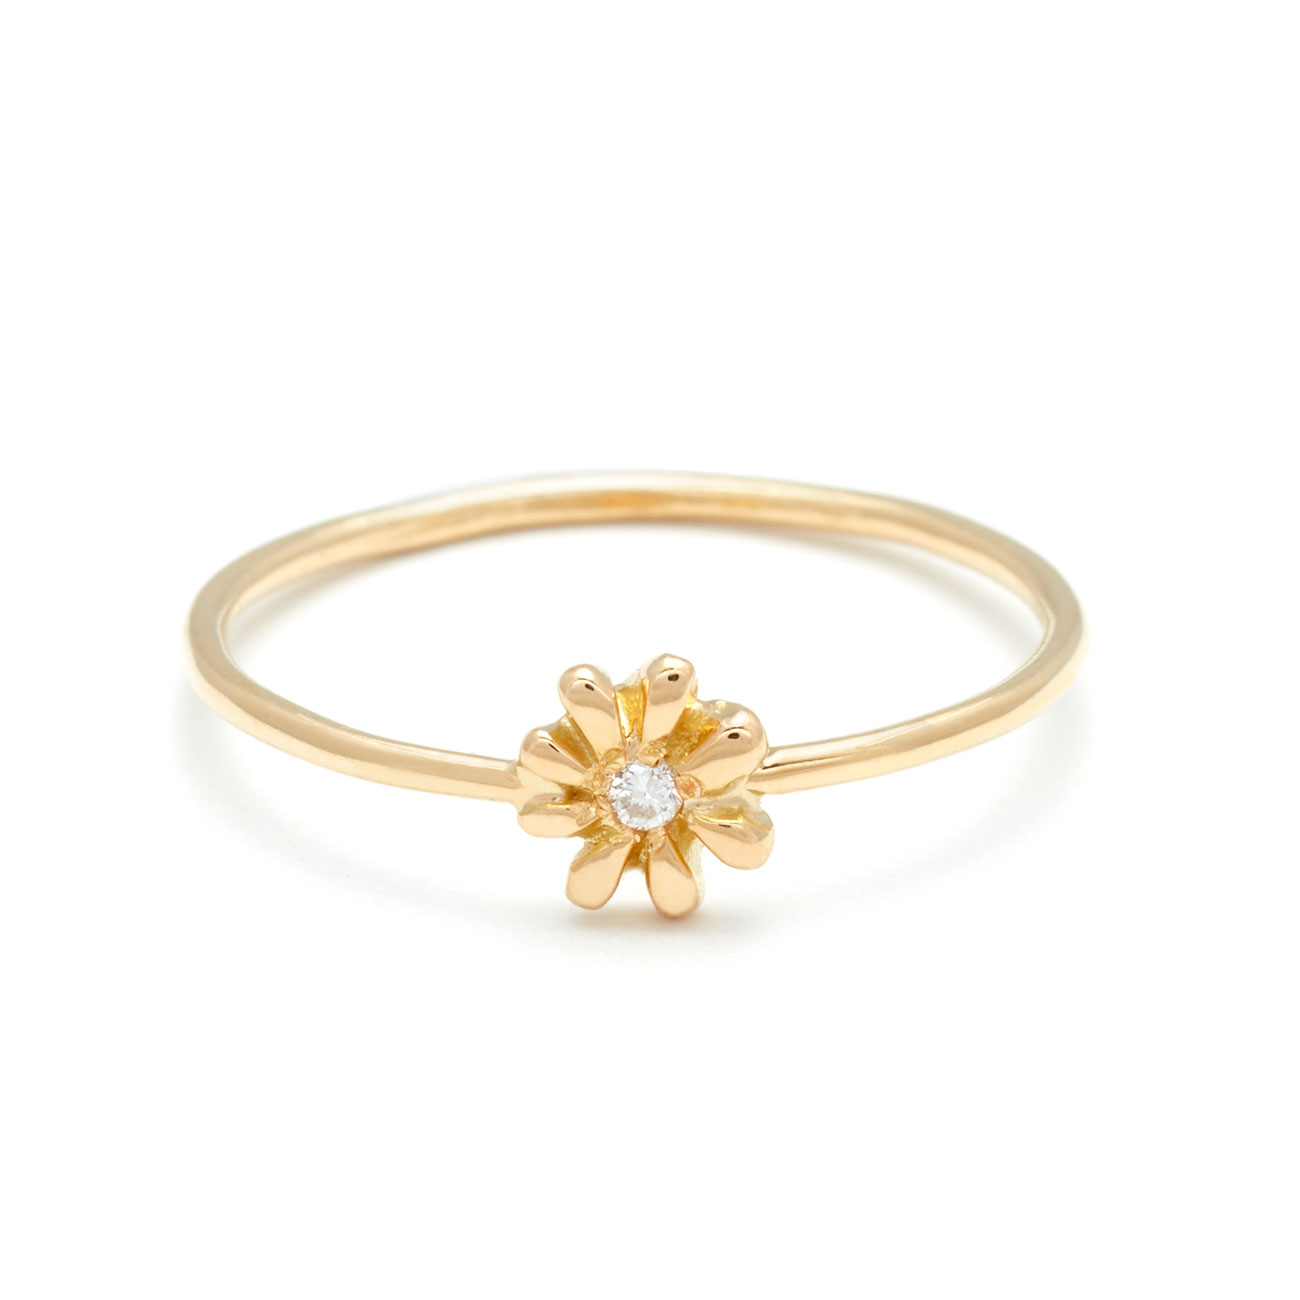 f1c3834014fb4 Tiny Daisy Ring